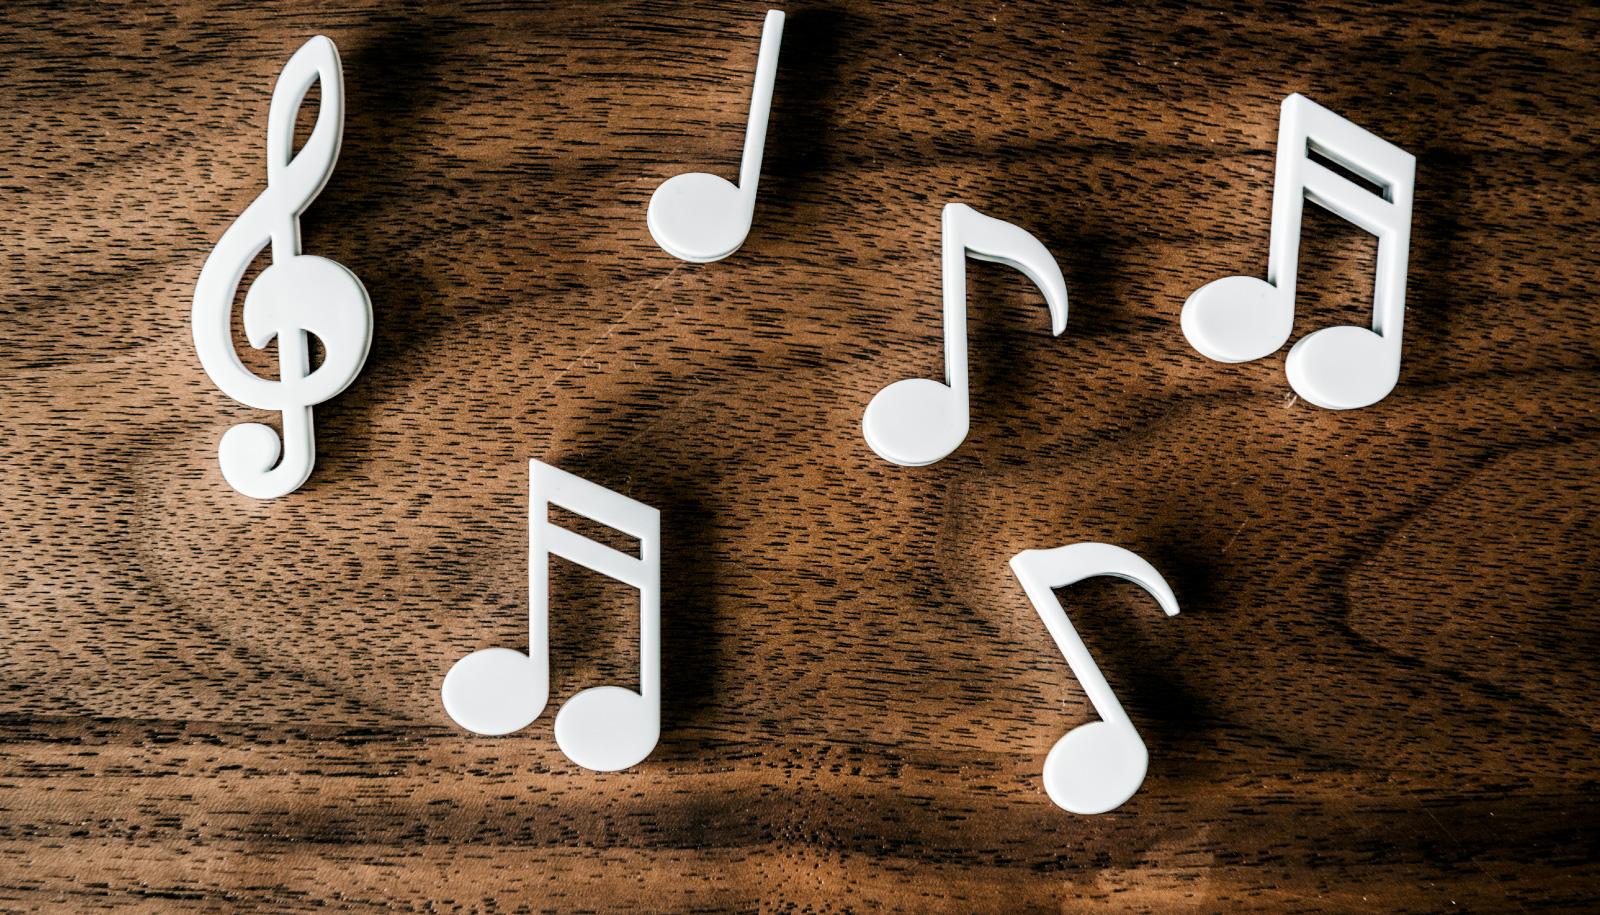 La Musicoterapia: una herramienta útil para personas con enfermedad mental